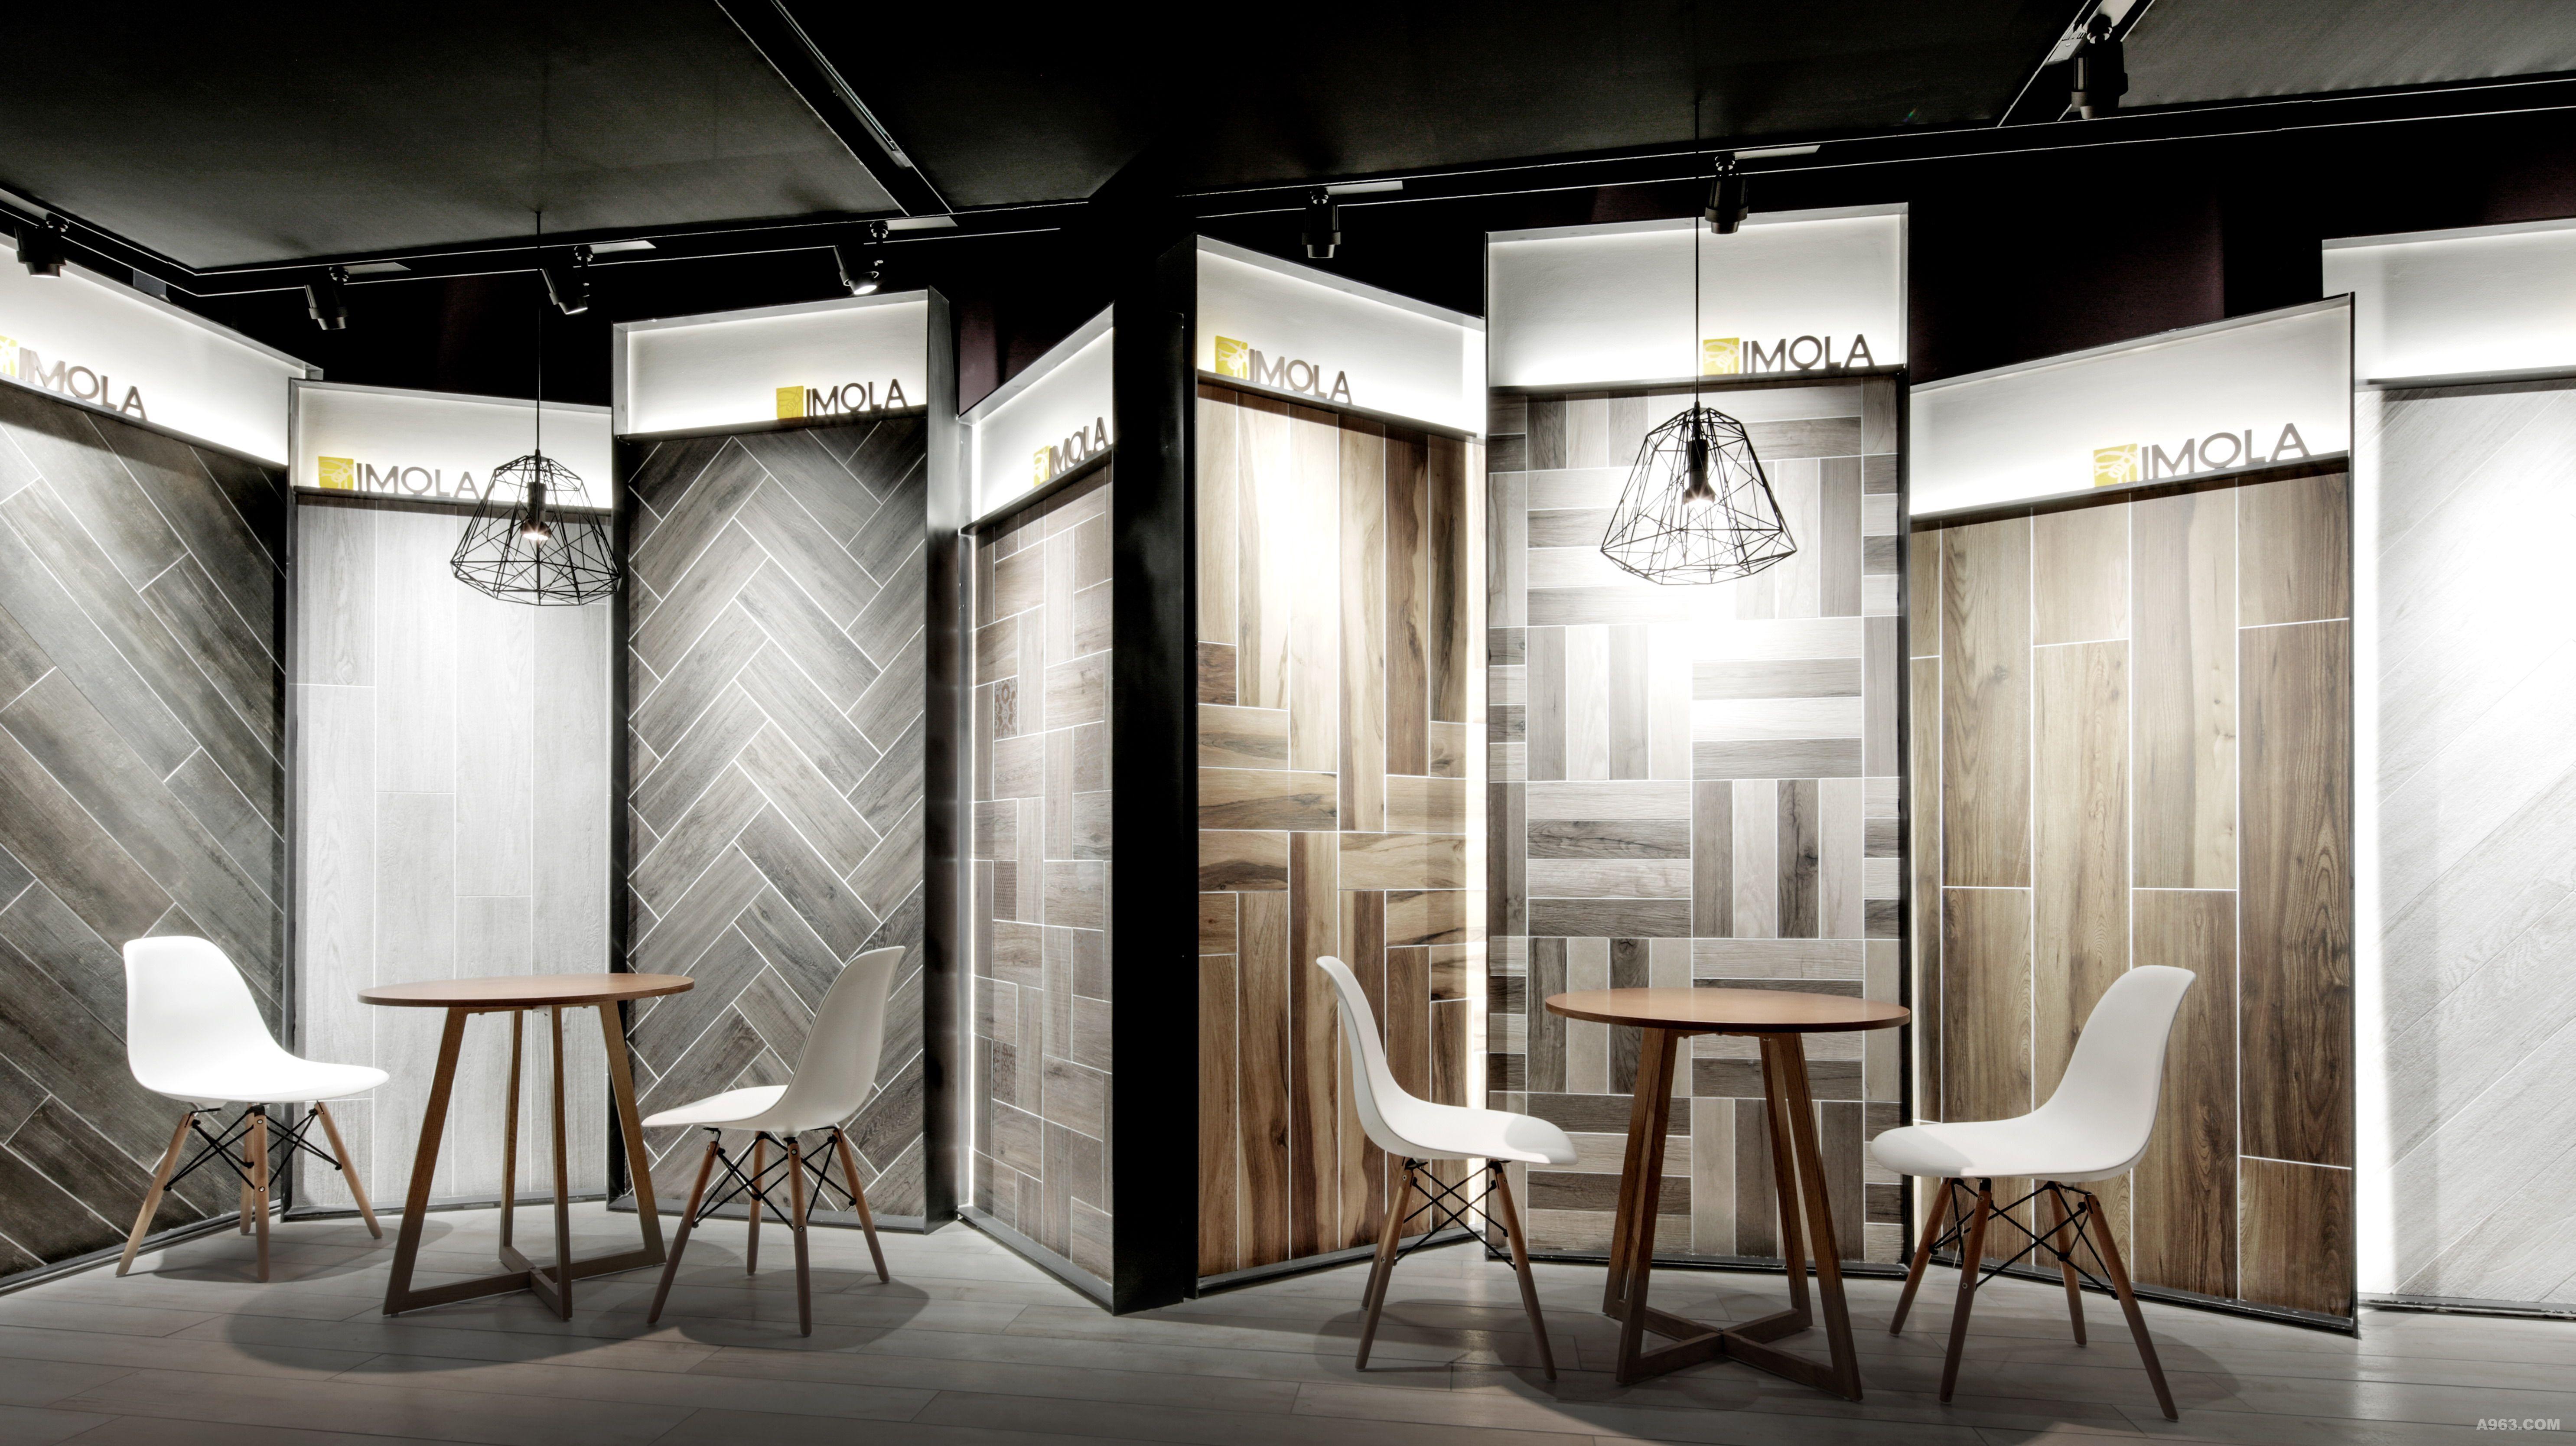 江阴imola瓷砖展厅